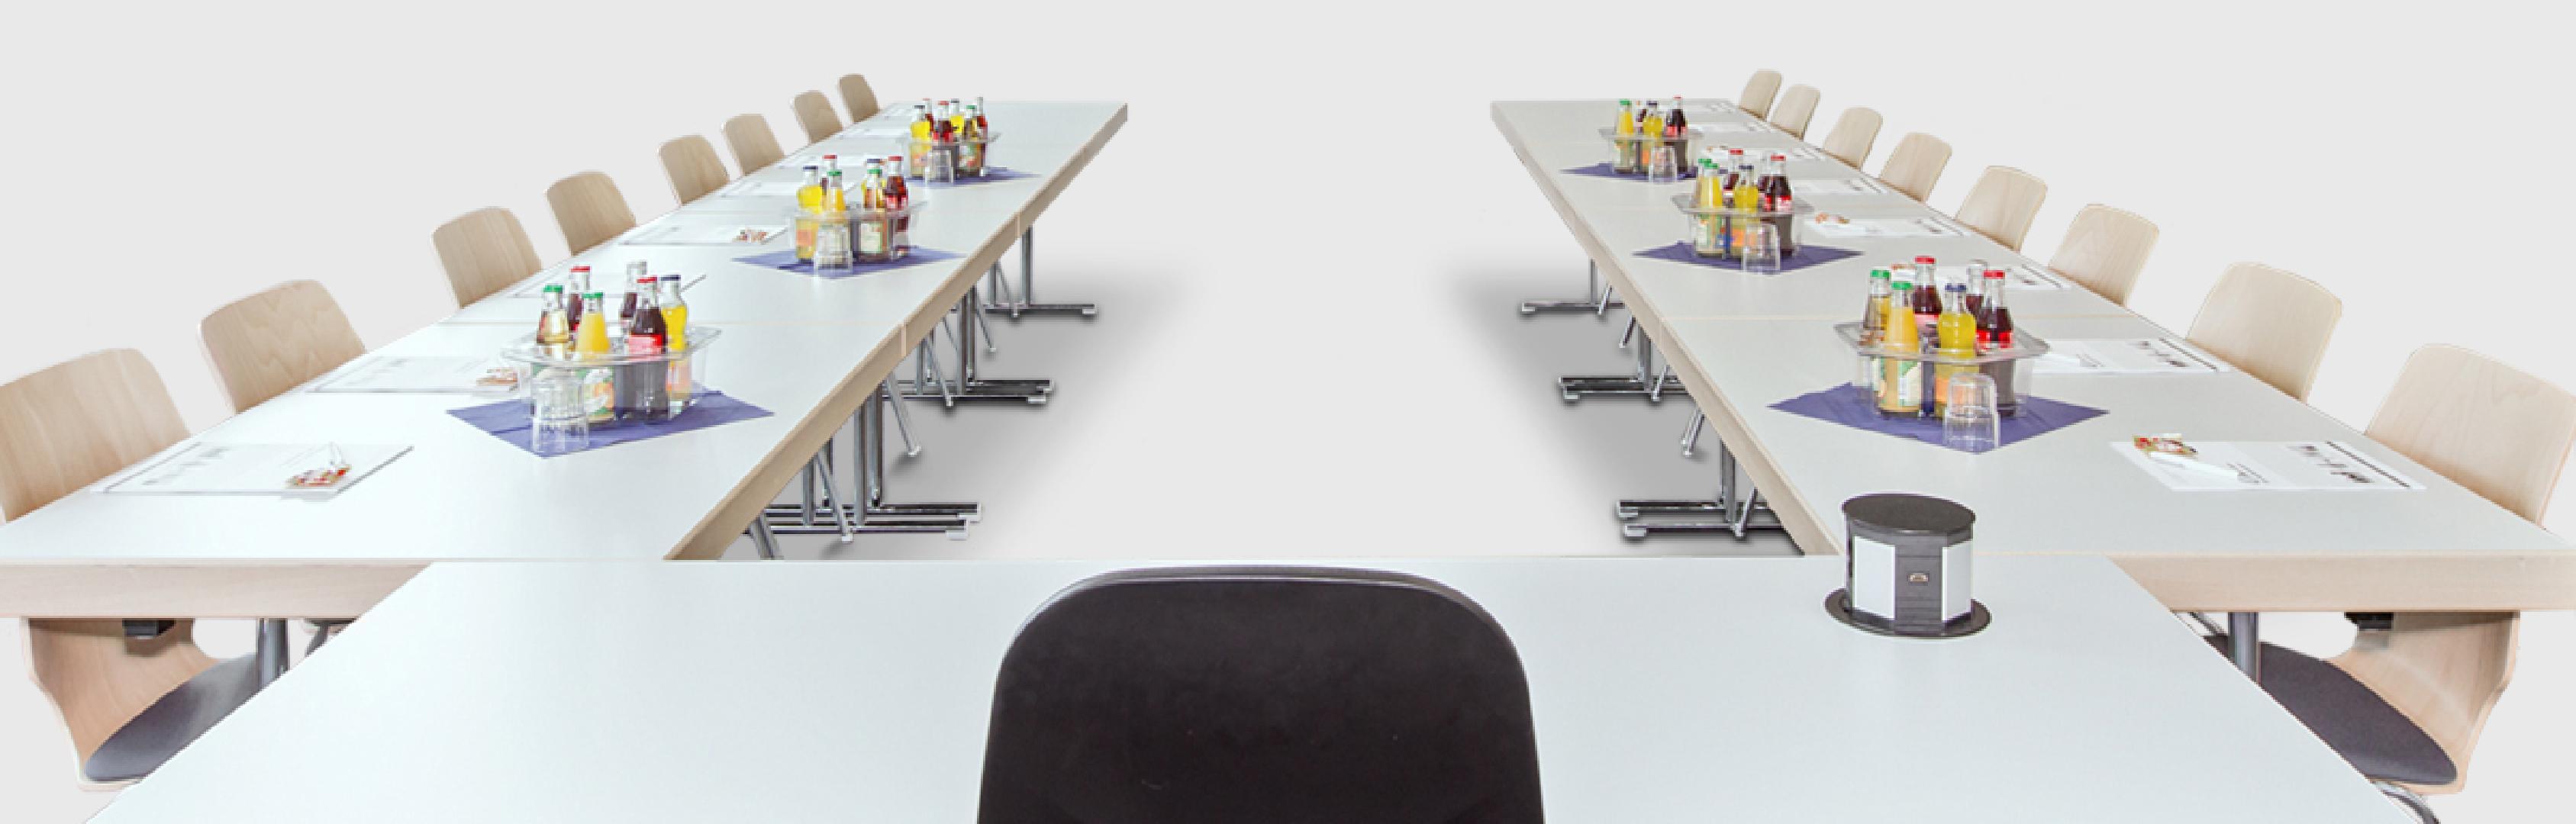 Bild 2 von TOP Tagungs- und Office- Center Dortmund - Tagungszentrum in Dortmund - Seminar und Schulung